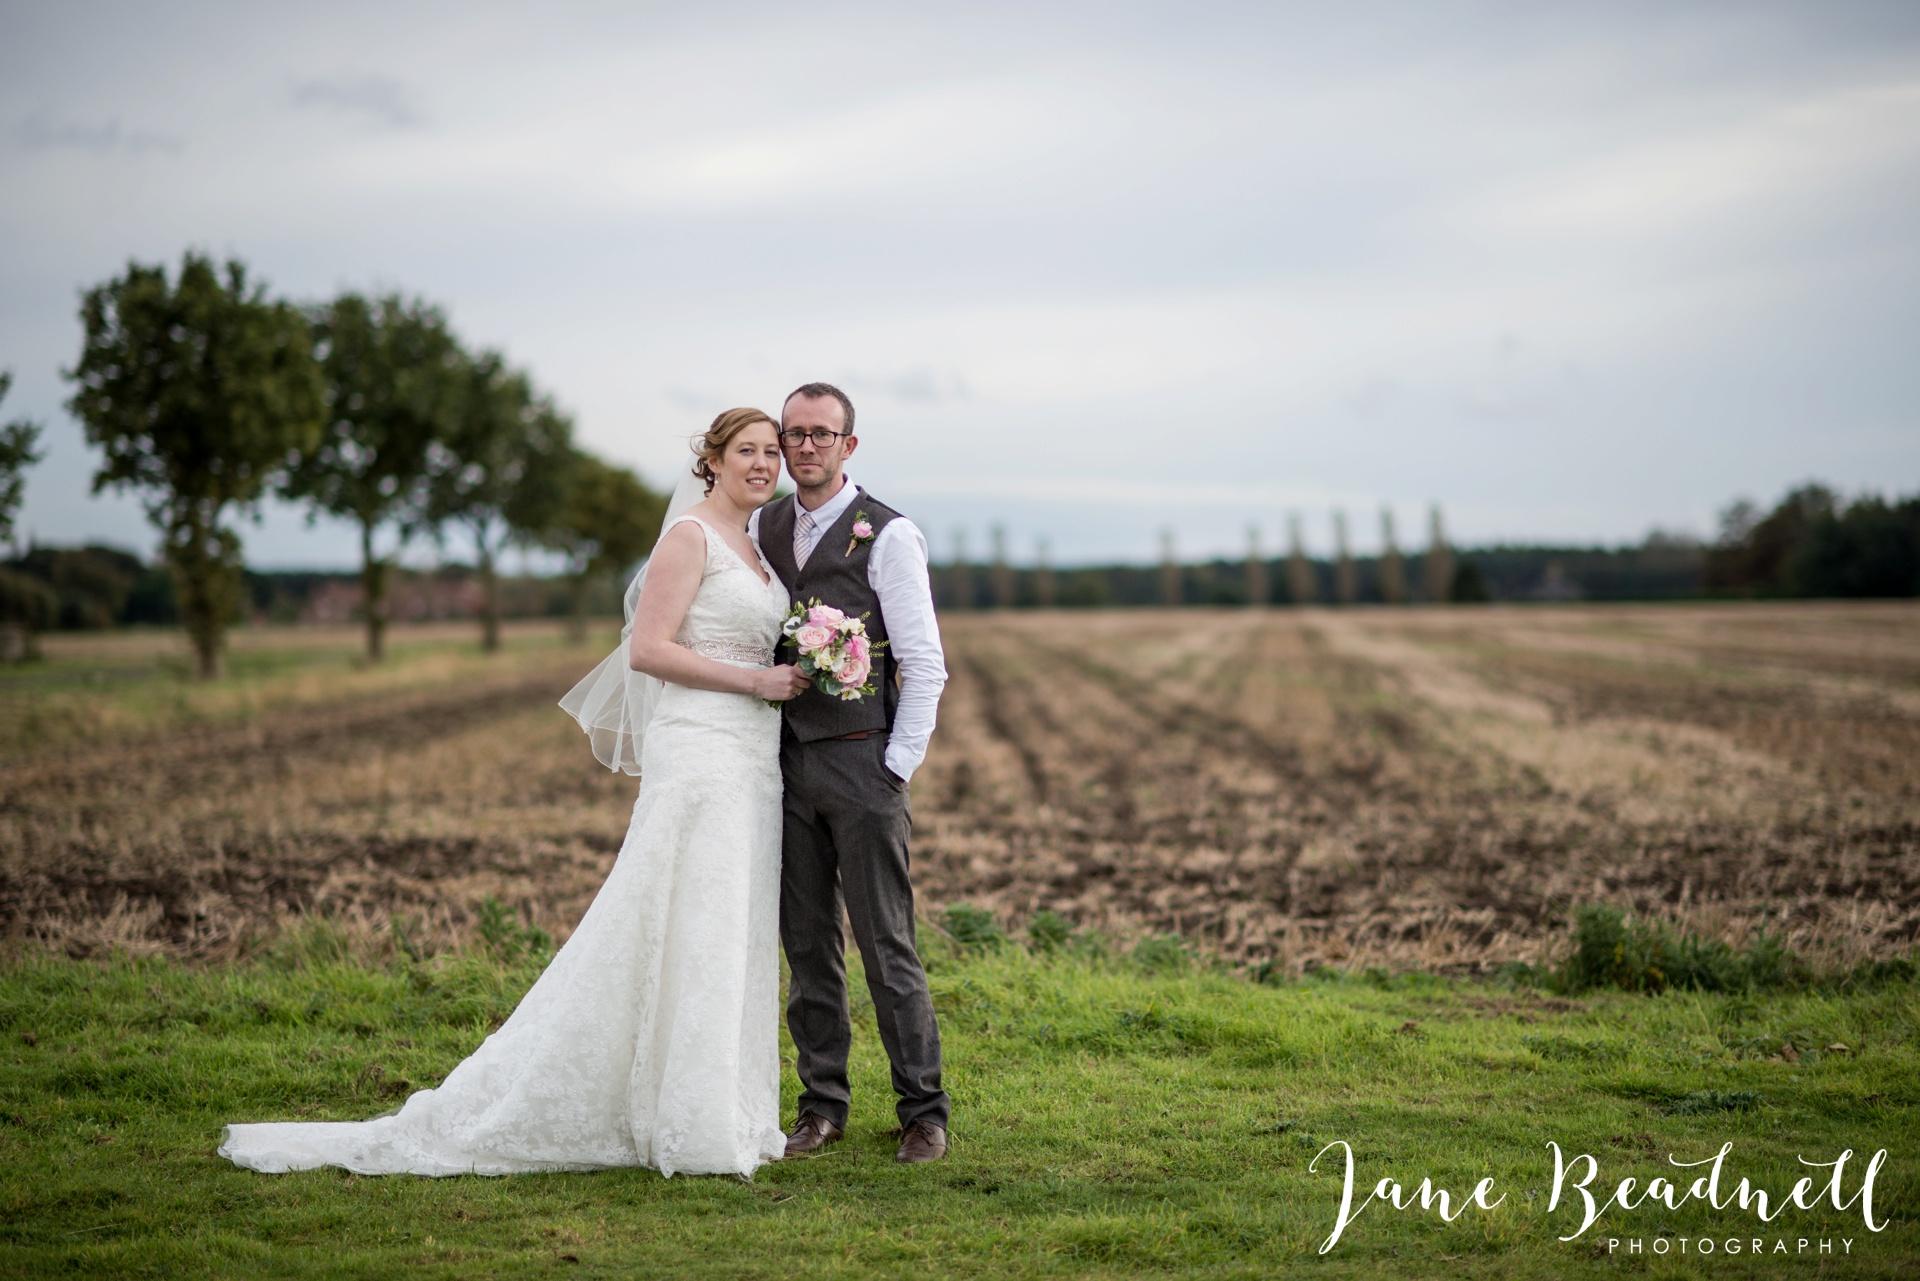 creative wedding photographer Leeds Jane Beadnell wedding photographer_0009